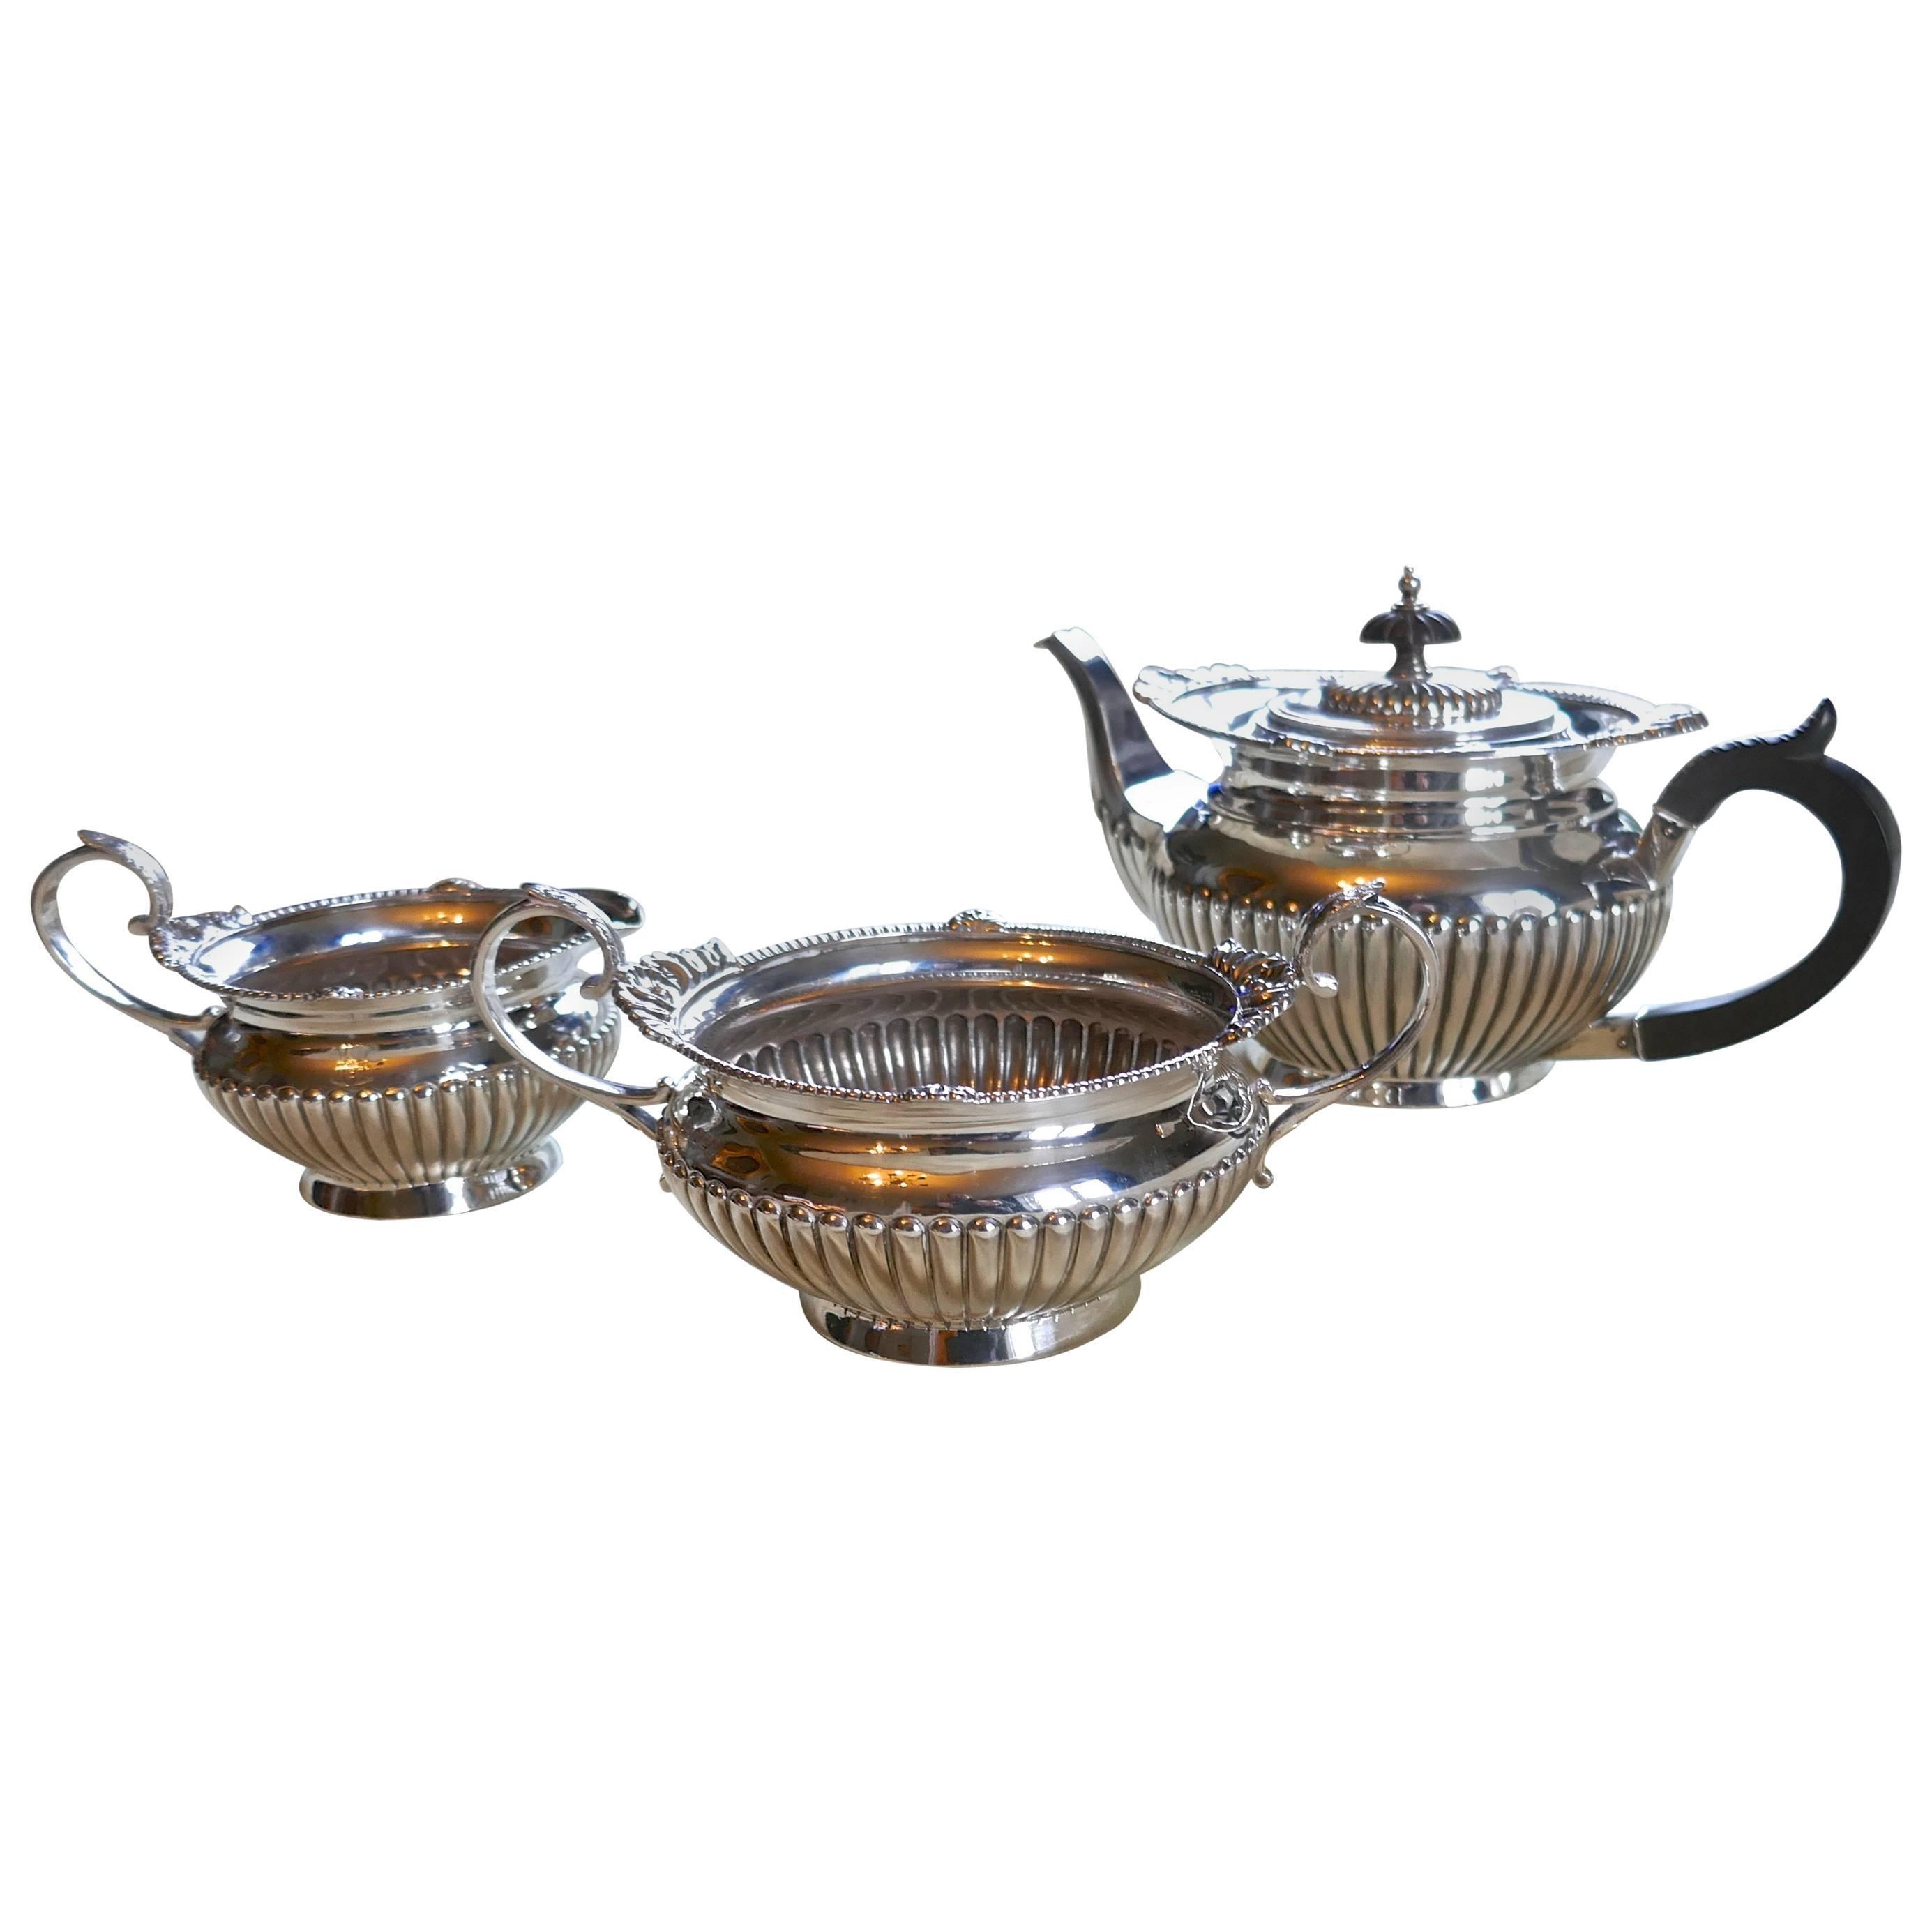 Hallmarked Silver Three-Piece Tea Set by Walker & Hall, Sheffield, 1894